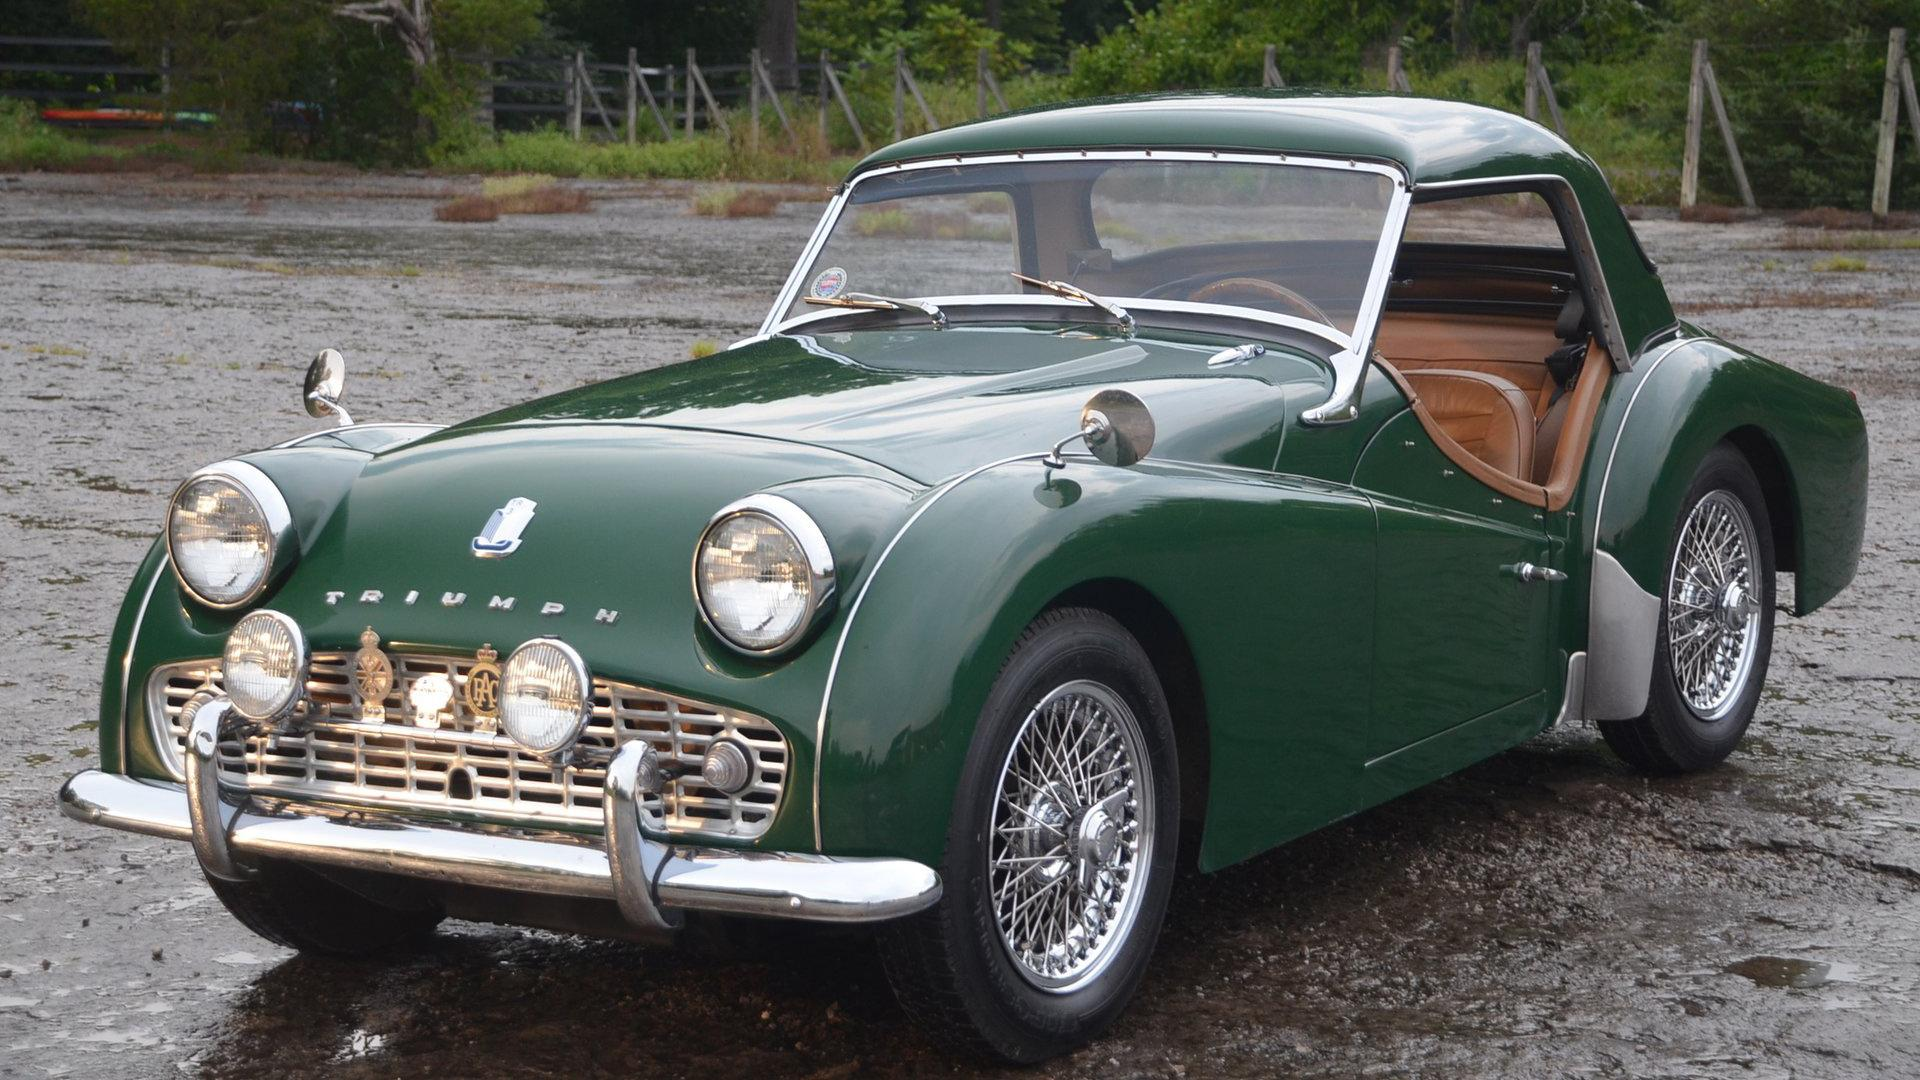 Votre voiture de collection anglaise Car triumph tr3 avec Bretagne Roadster